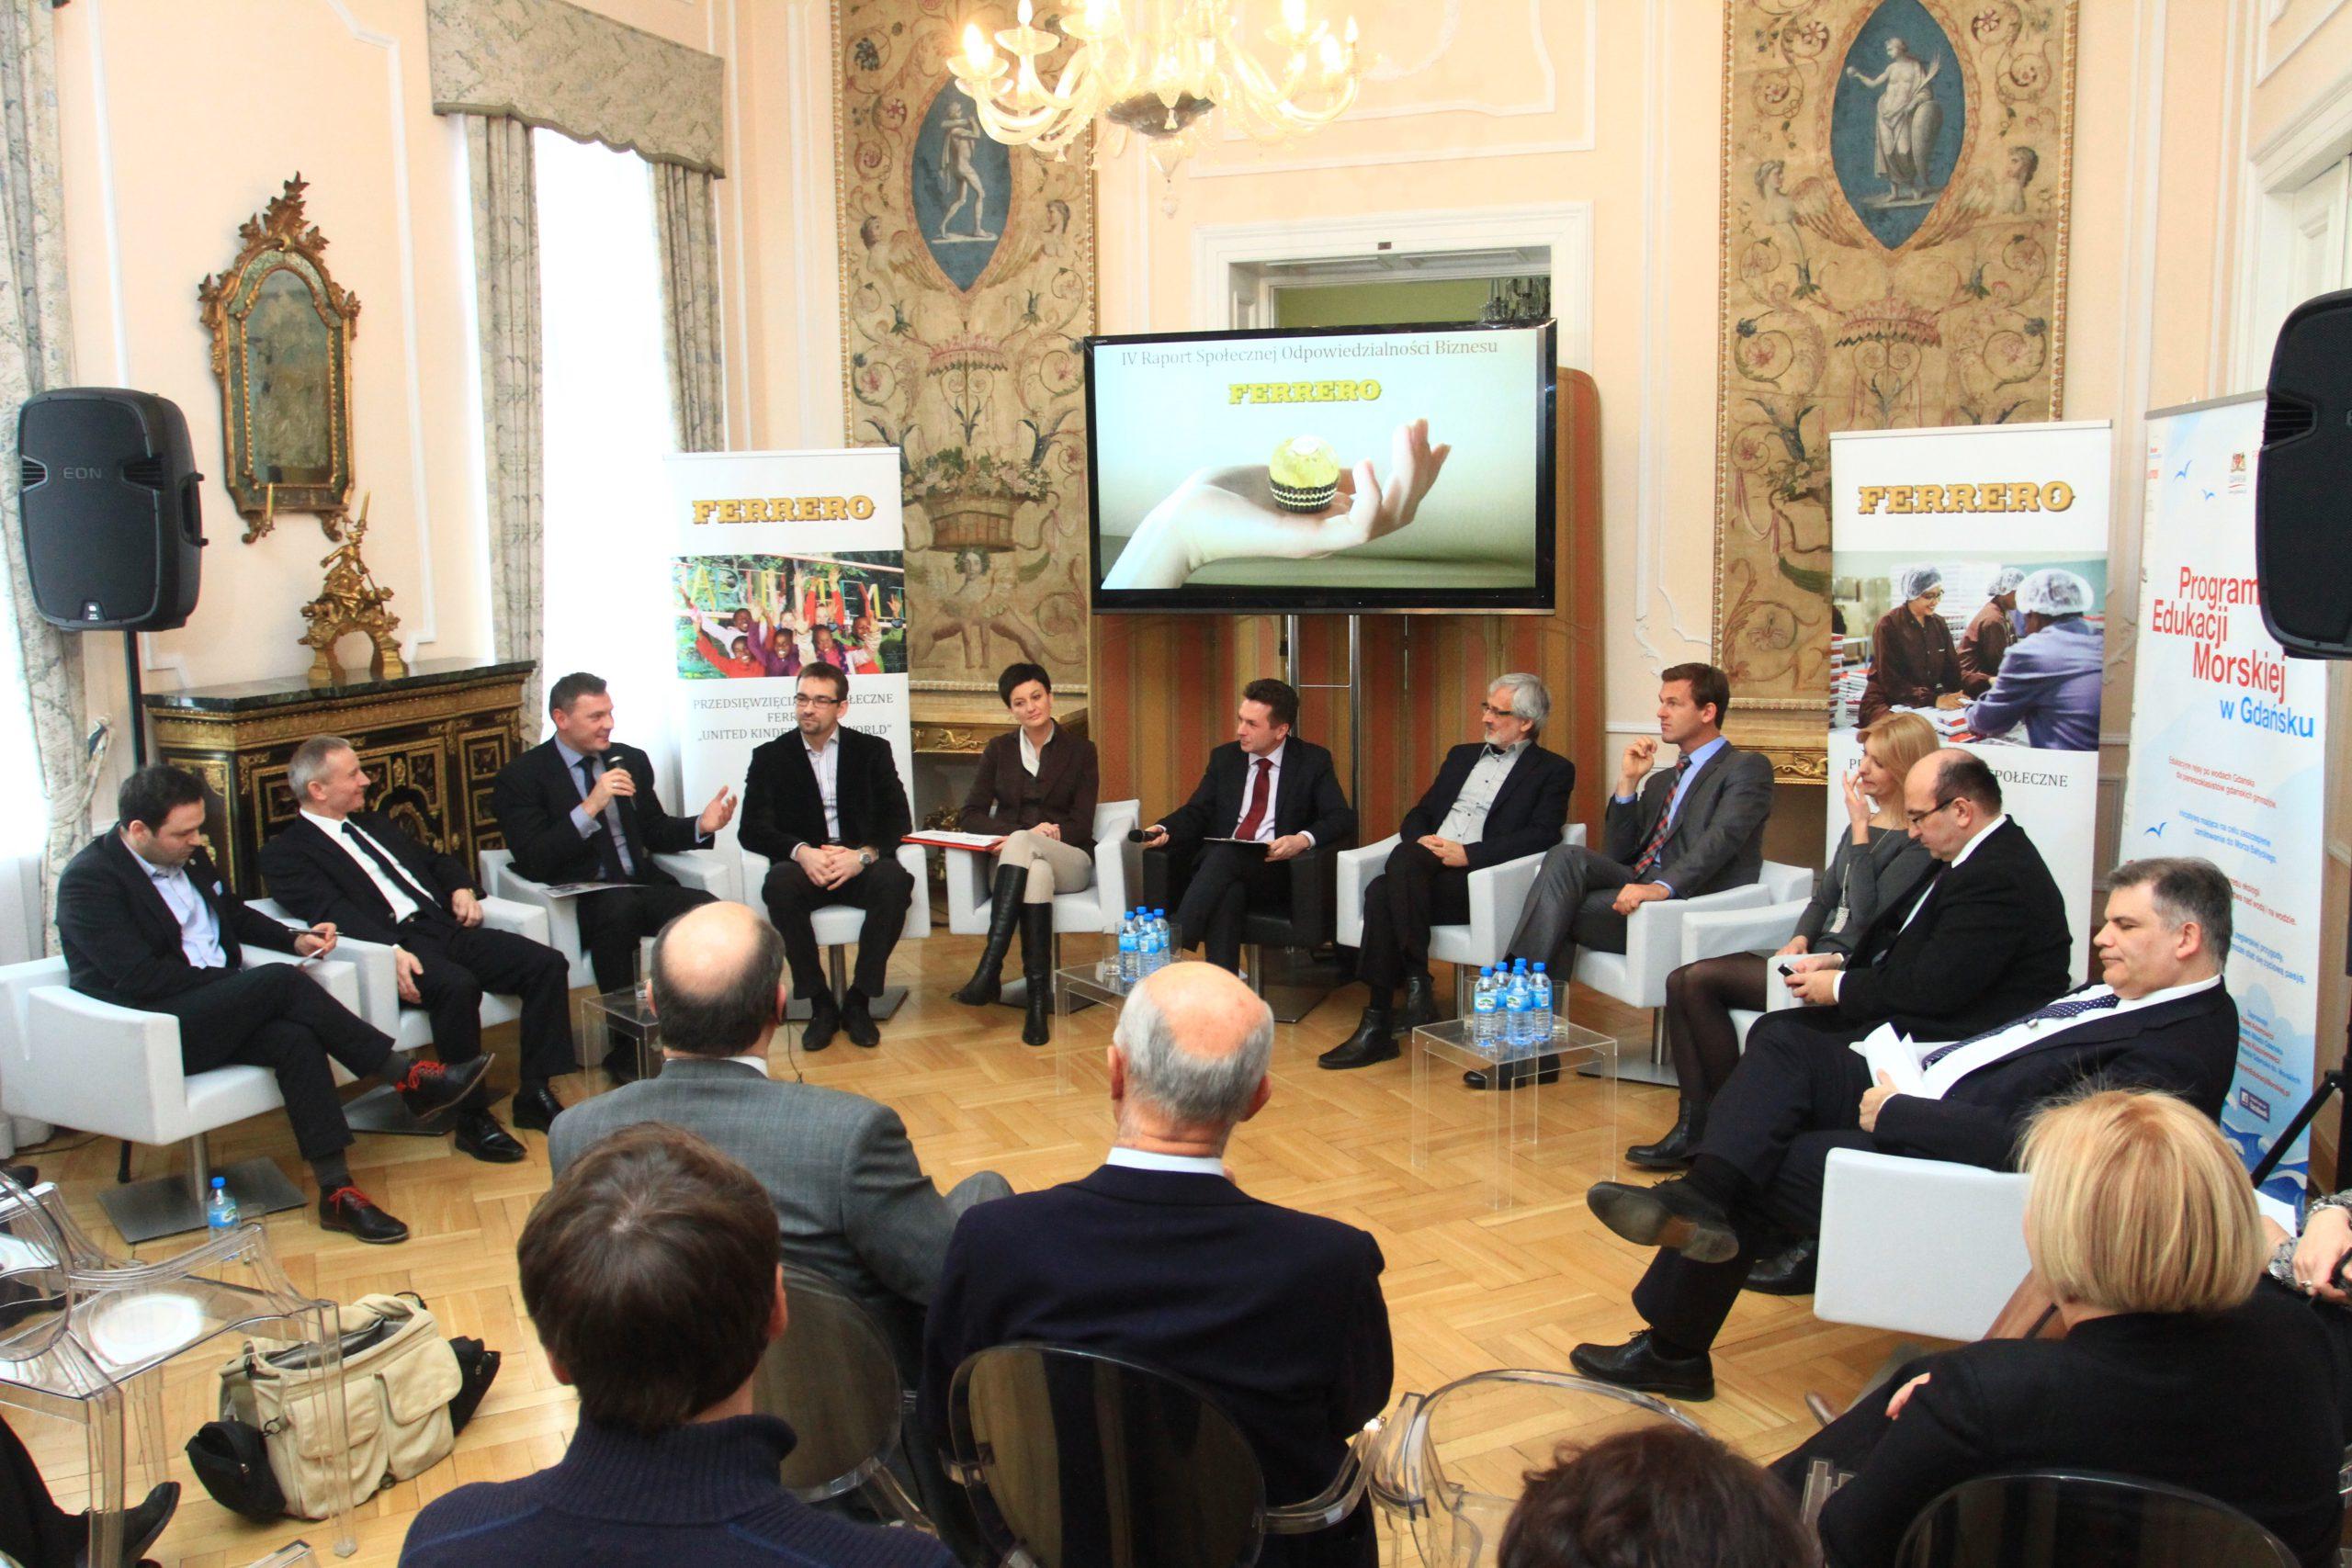 Społeczna odpowiedzialność biznesu Ferrero Polska